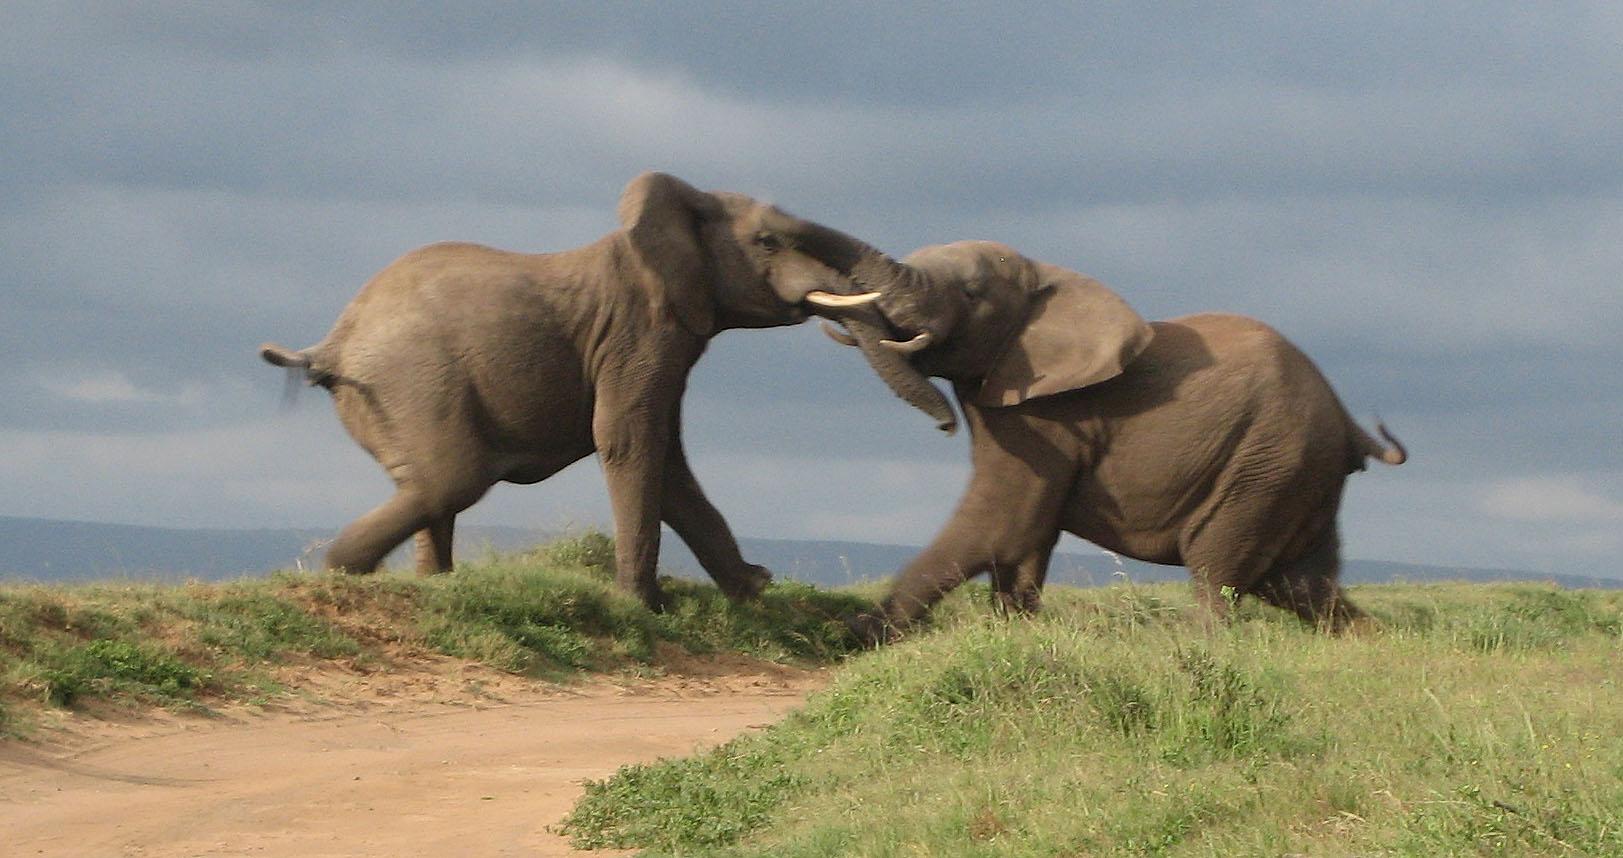 Elephants Fighting